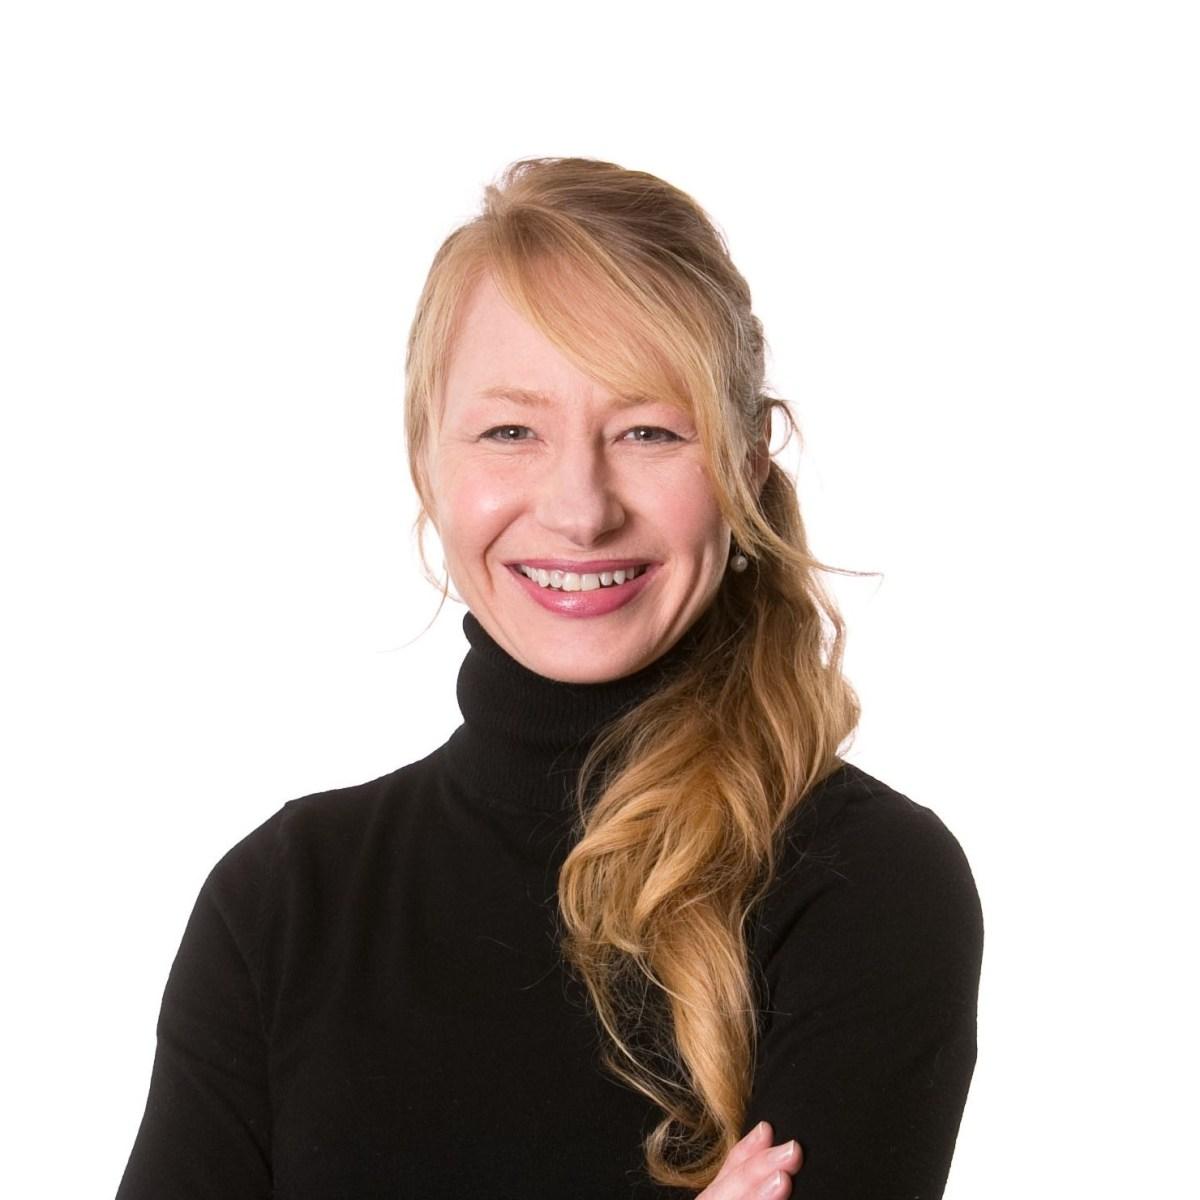 Heather Seyfarth Crop